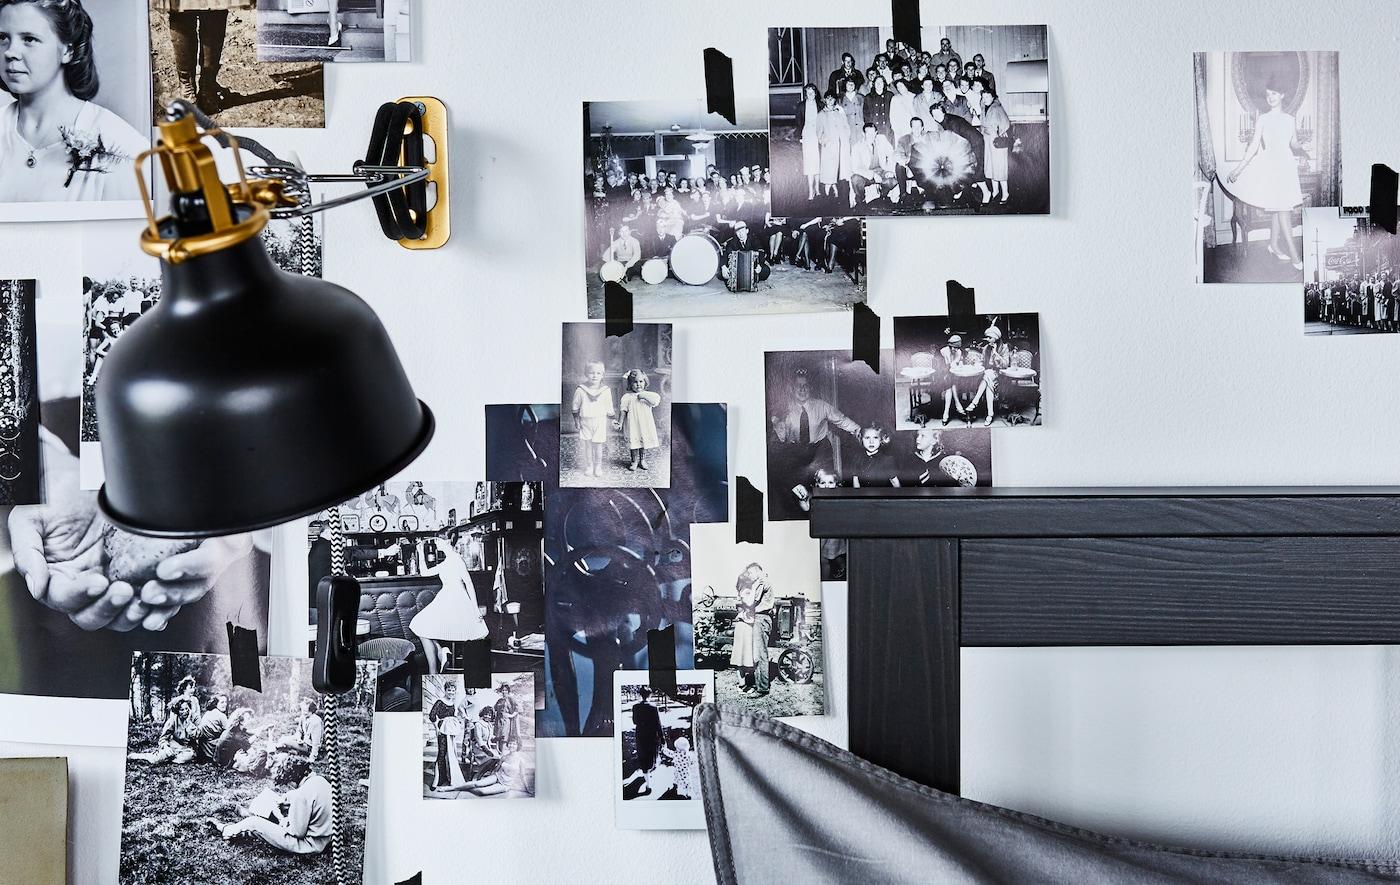 Du bist auf der Suche nach Ideen für ein kleines Schlafzimmer? Wie wäre es mit einer schönen Fotocollage für eine der Wände? Mit etwas Licht darauf, z. B. mit IKEA RANARP N Wand-/Klemmspot in Schwarz, hast du im Handumdrehen eine Installation, die obendrein vom Licht her jederzeit veränderbar ist.